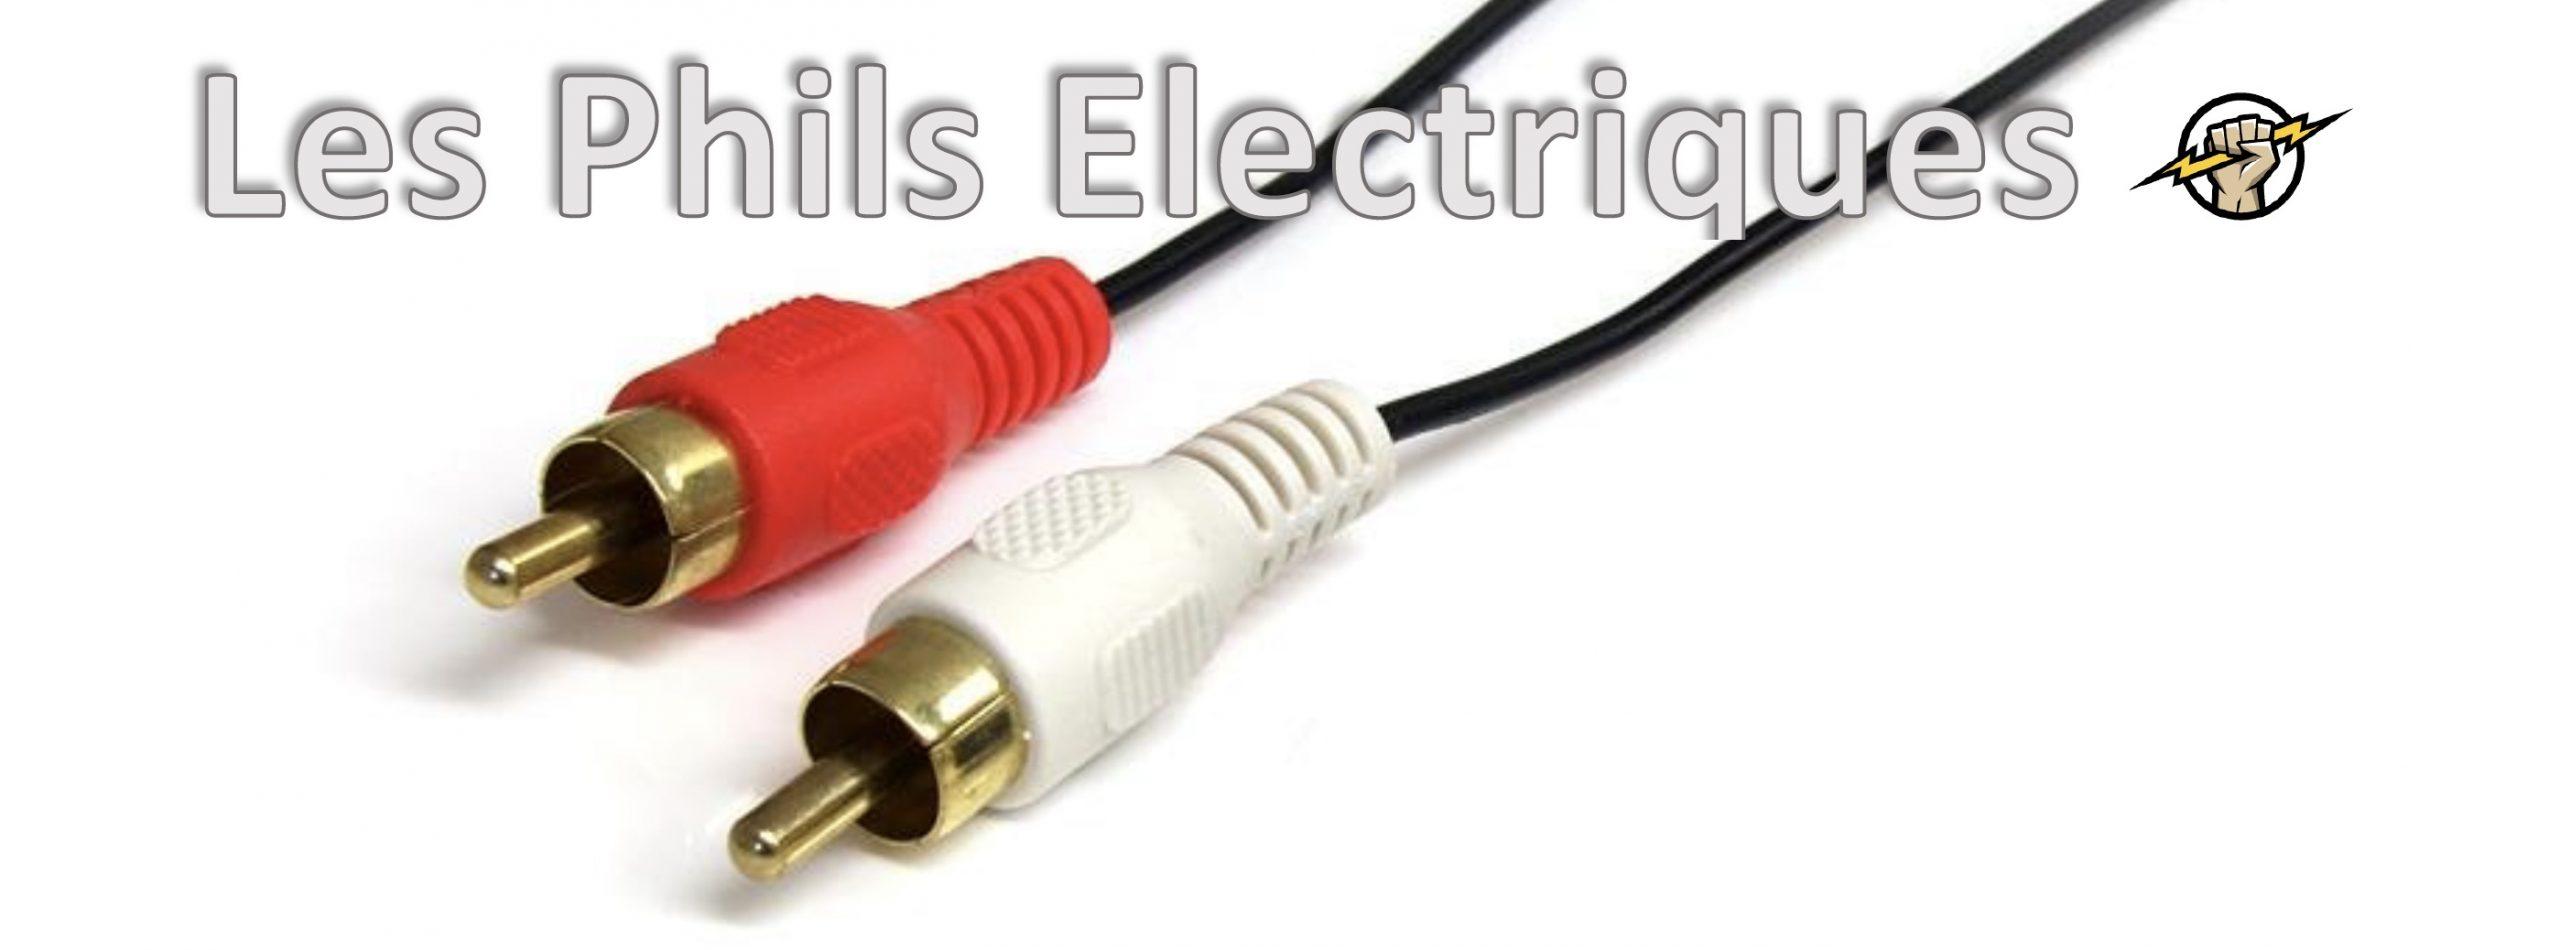 Les Phils Electriques